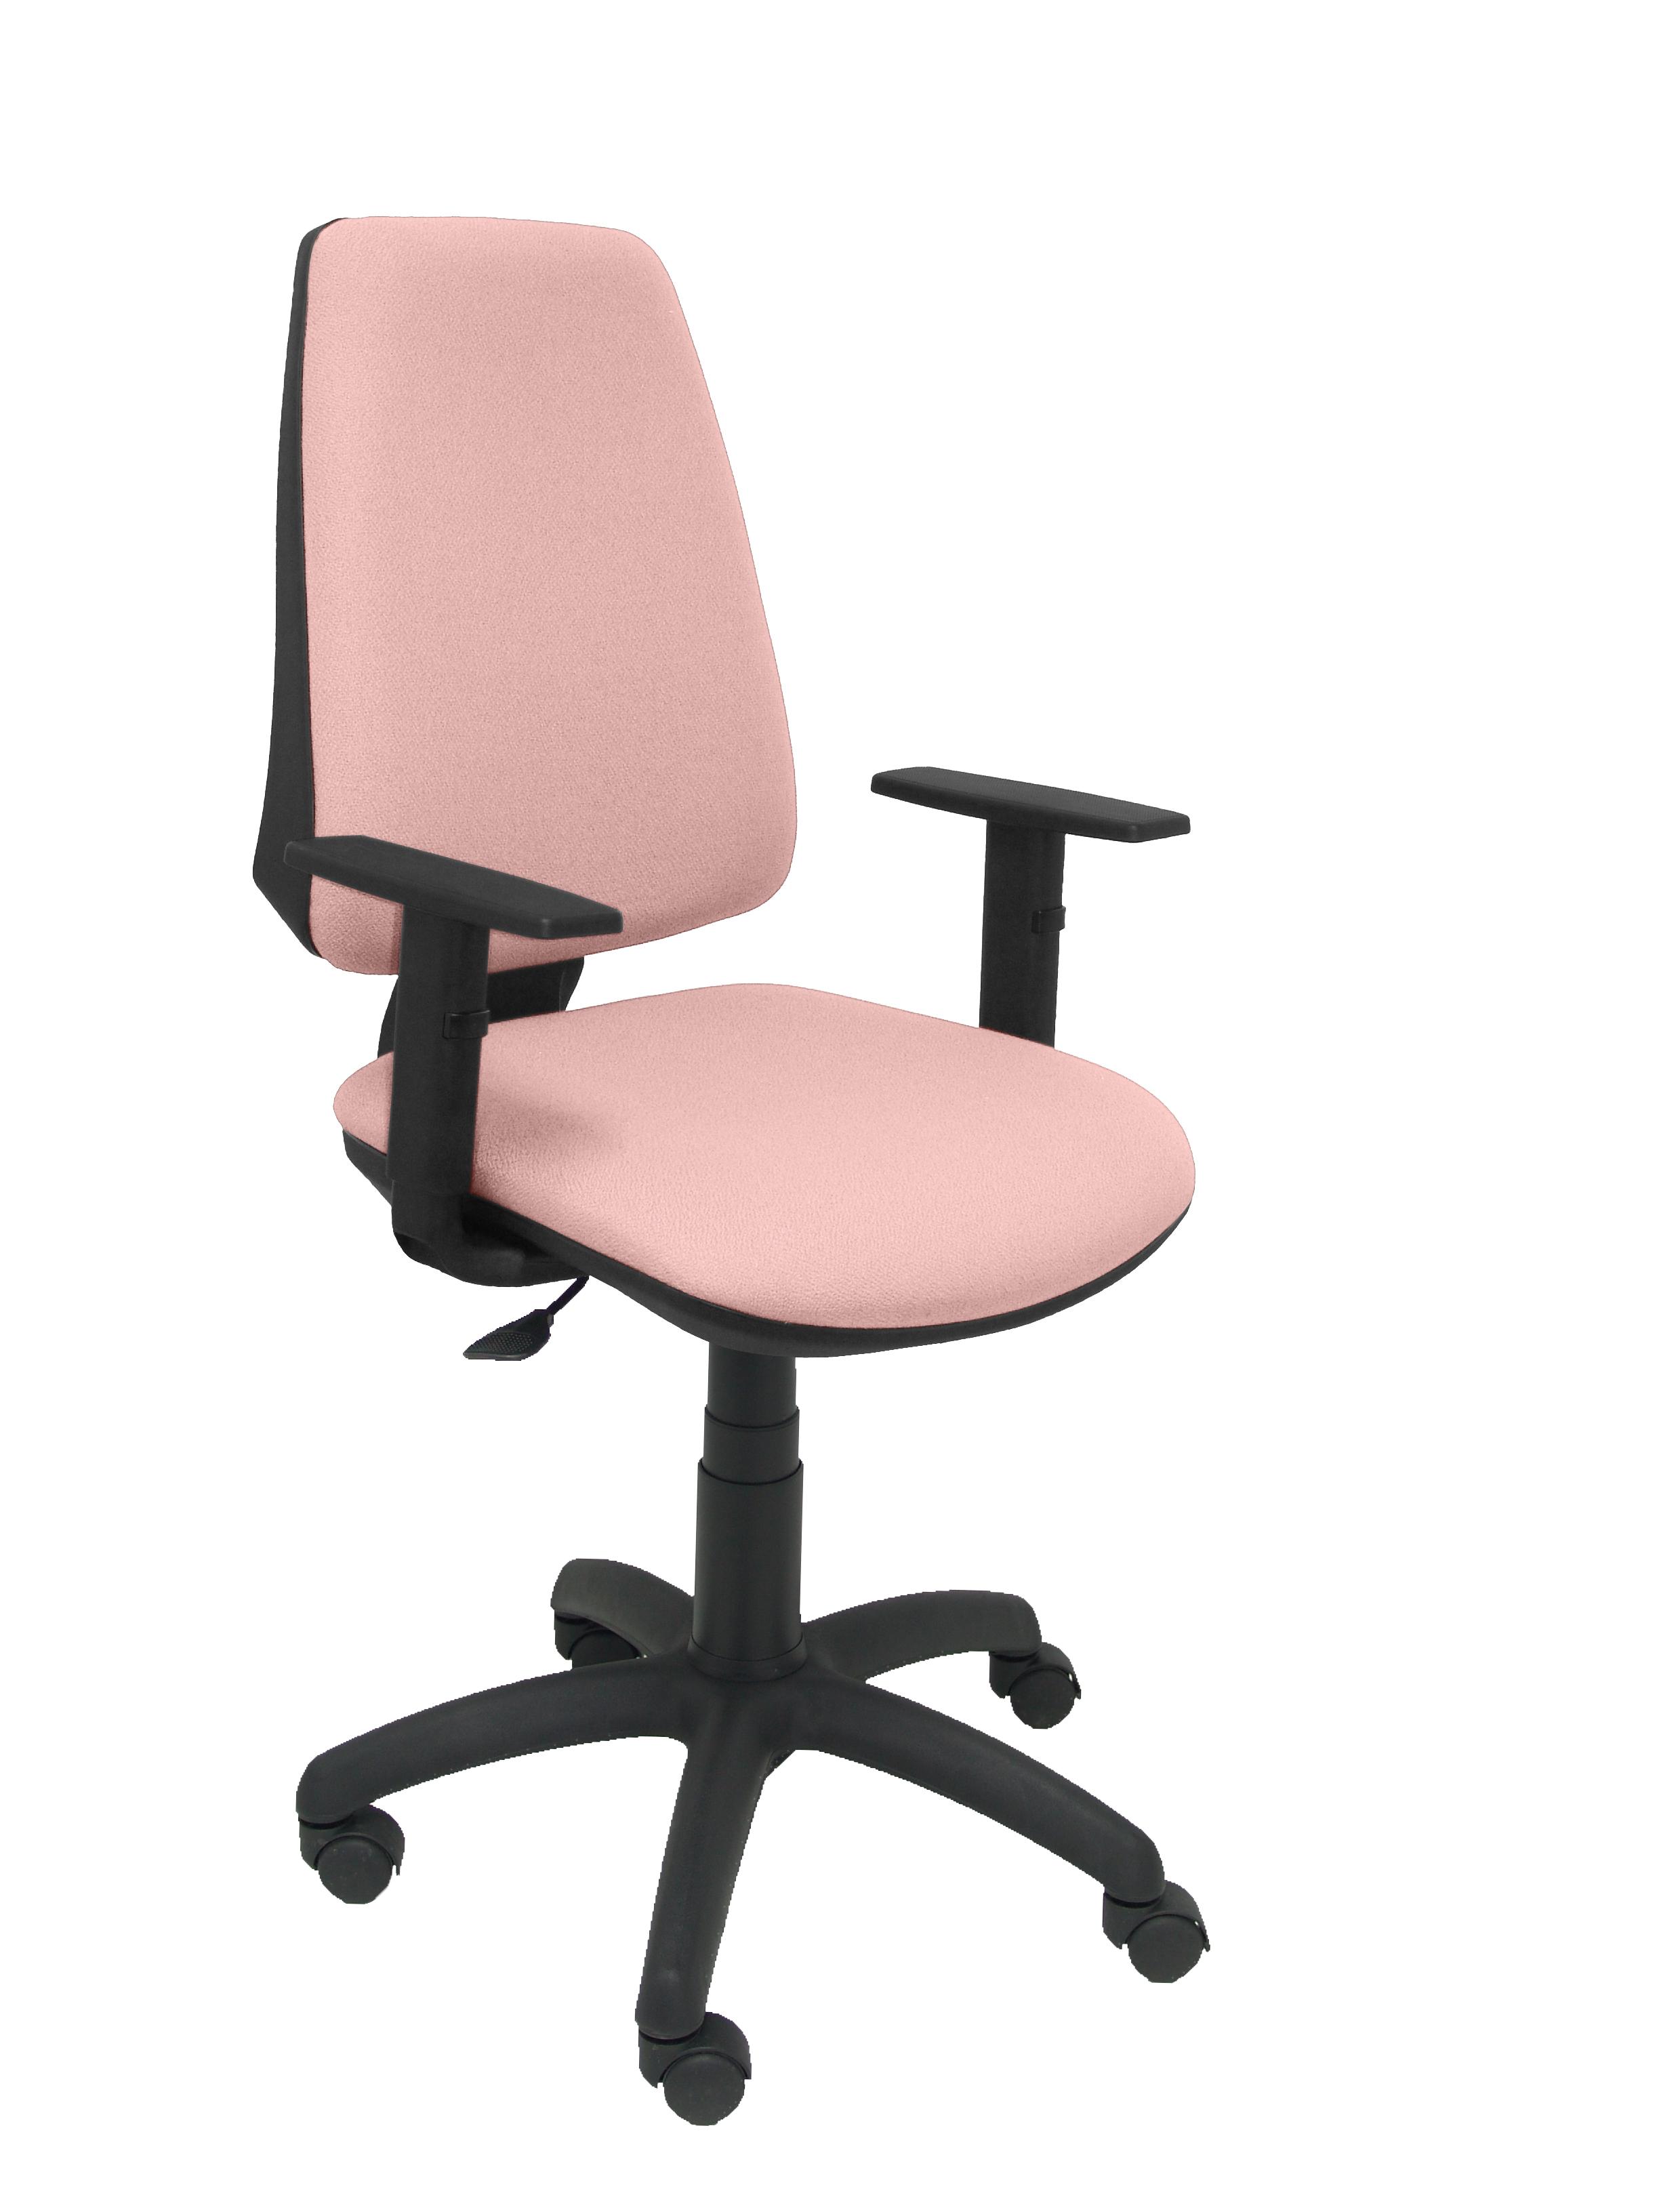 Silla Elche CP bali rosa pálido brazos regulables